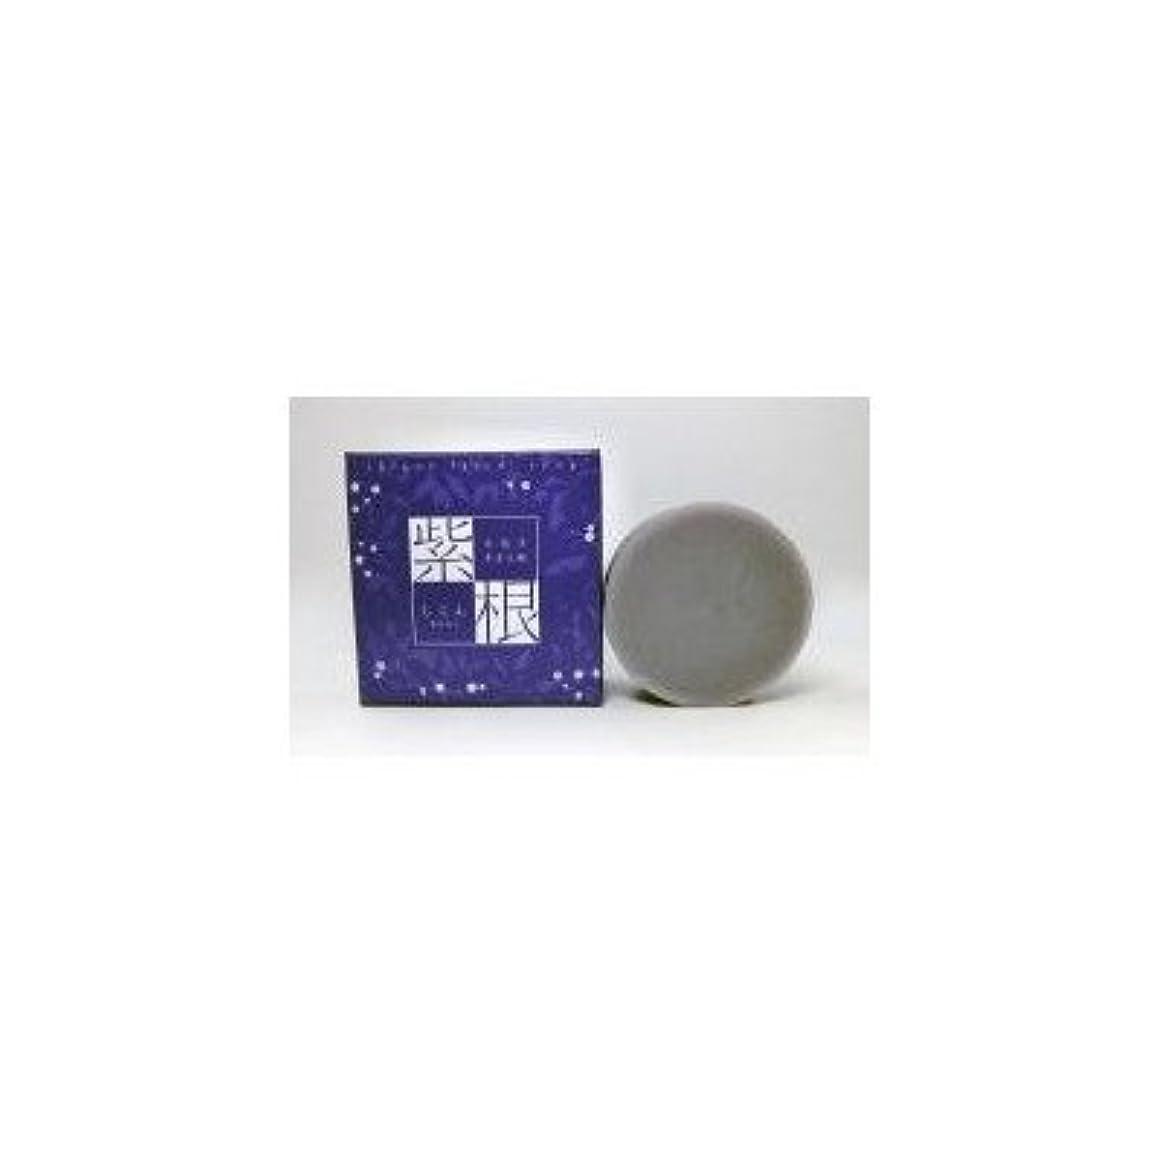 充電しないでください息苦しい紫根エキスをたっぷり配合した洗顔石鹸 紫根石鹸 100g×5個セット